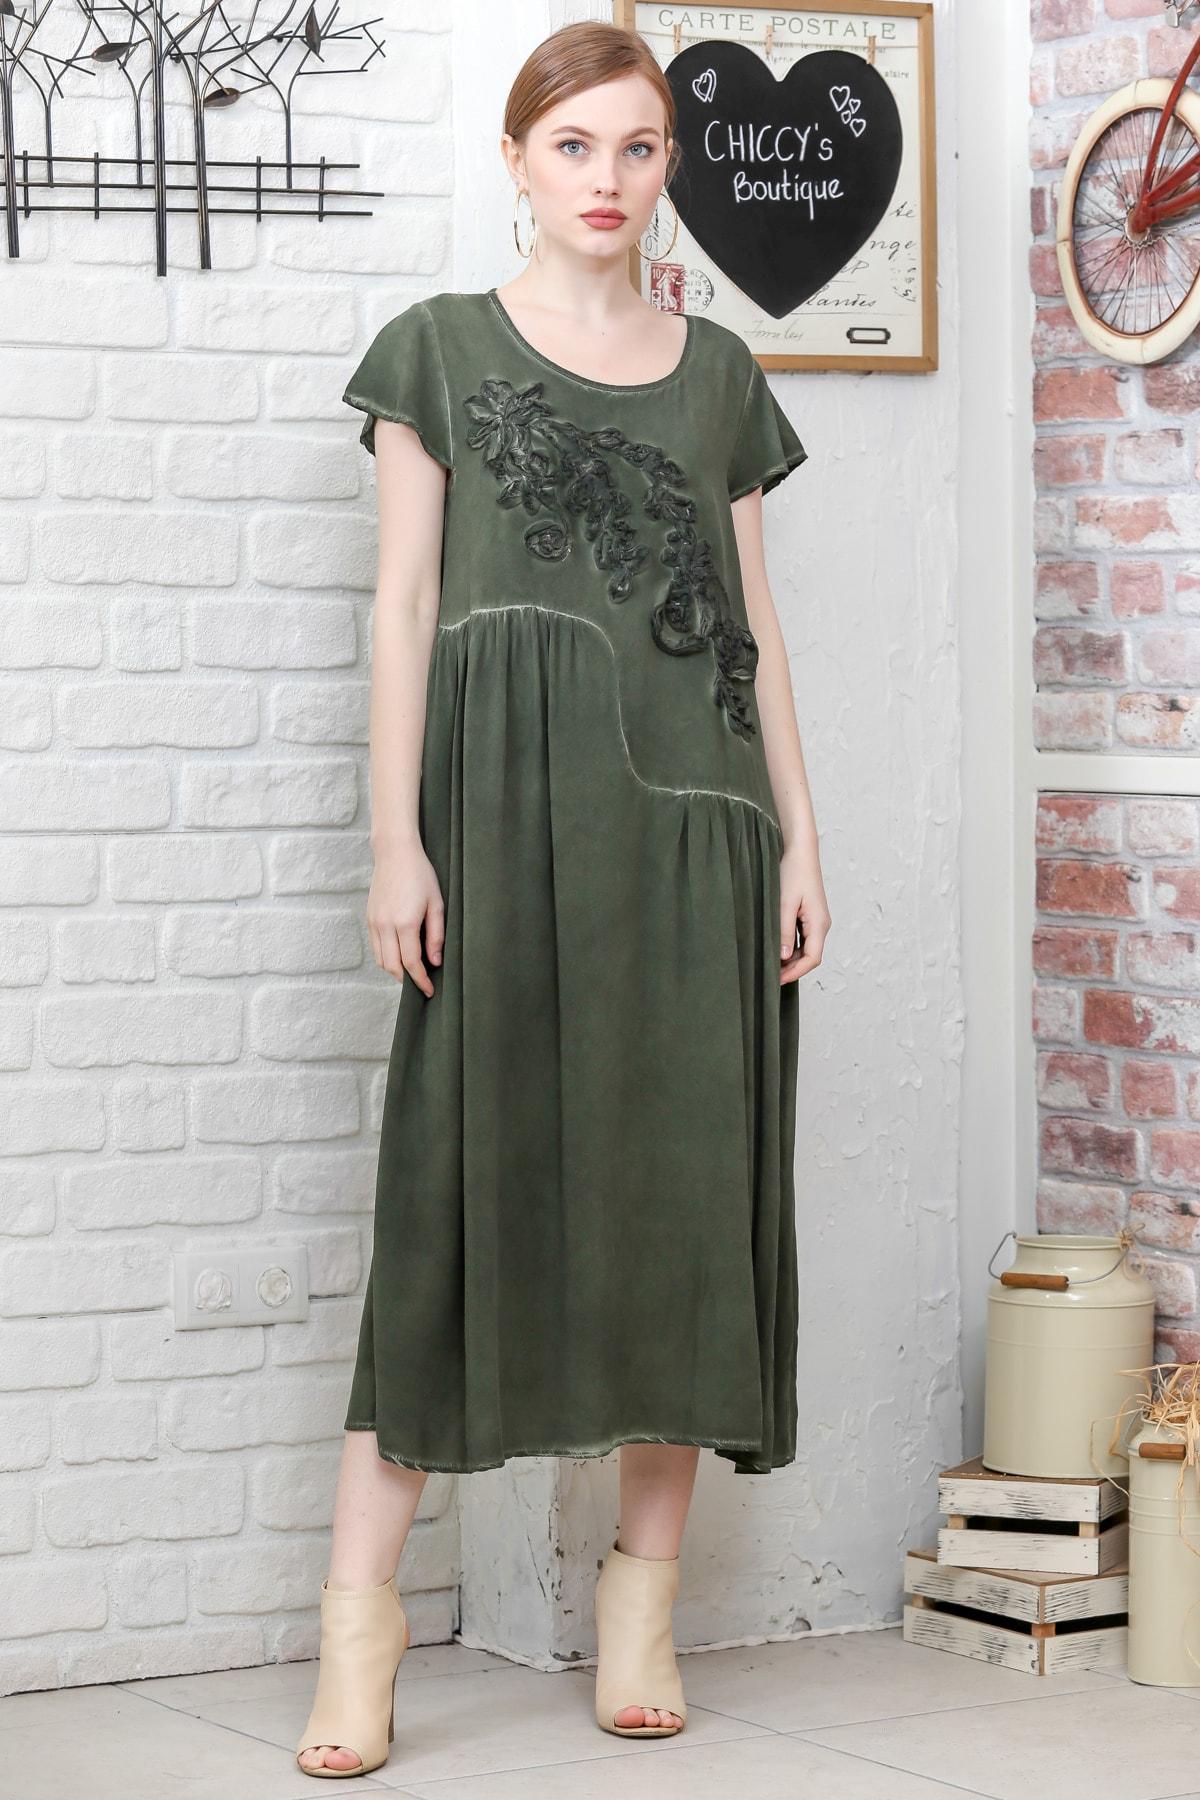 Chiccy Kadın Siyah Sıfır Yaka Süzene Çiçek Aplikeli Salaş Yıkamalı Elbise M10160000EL95154 2